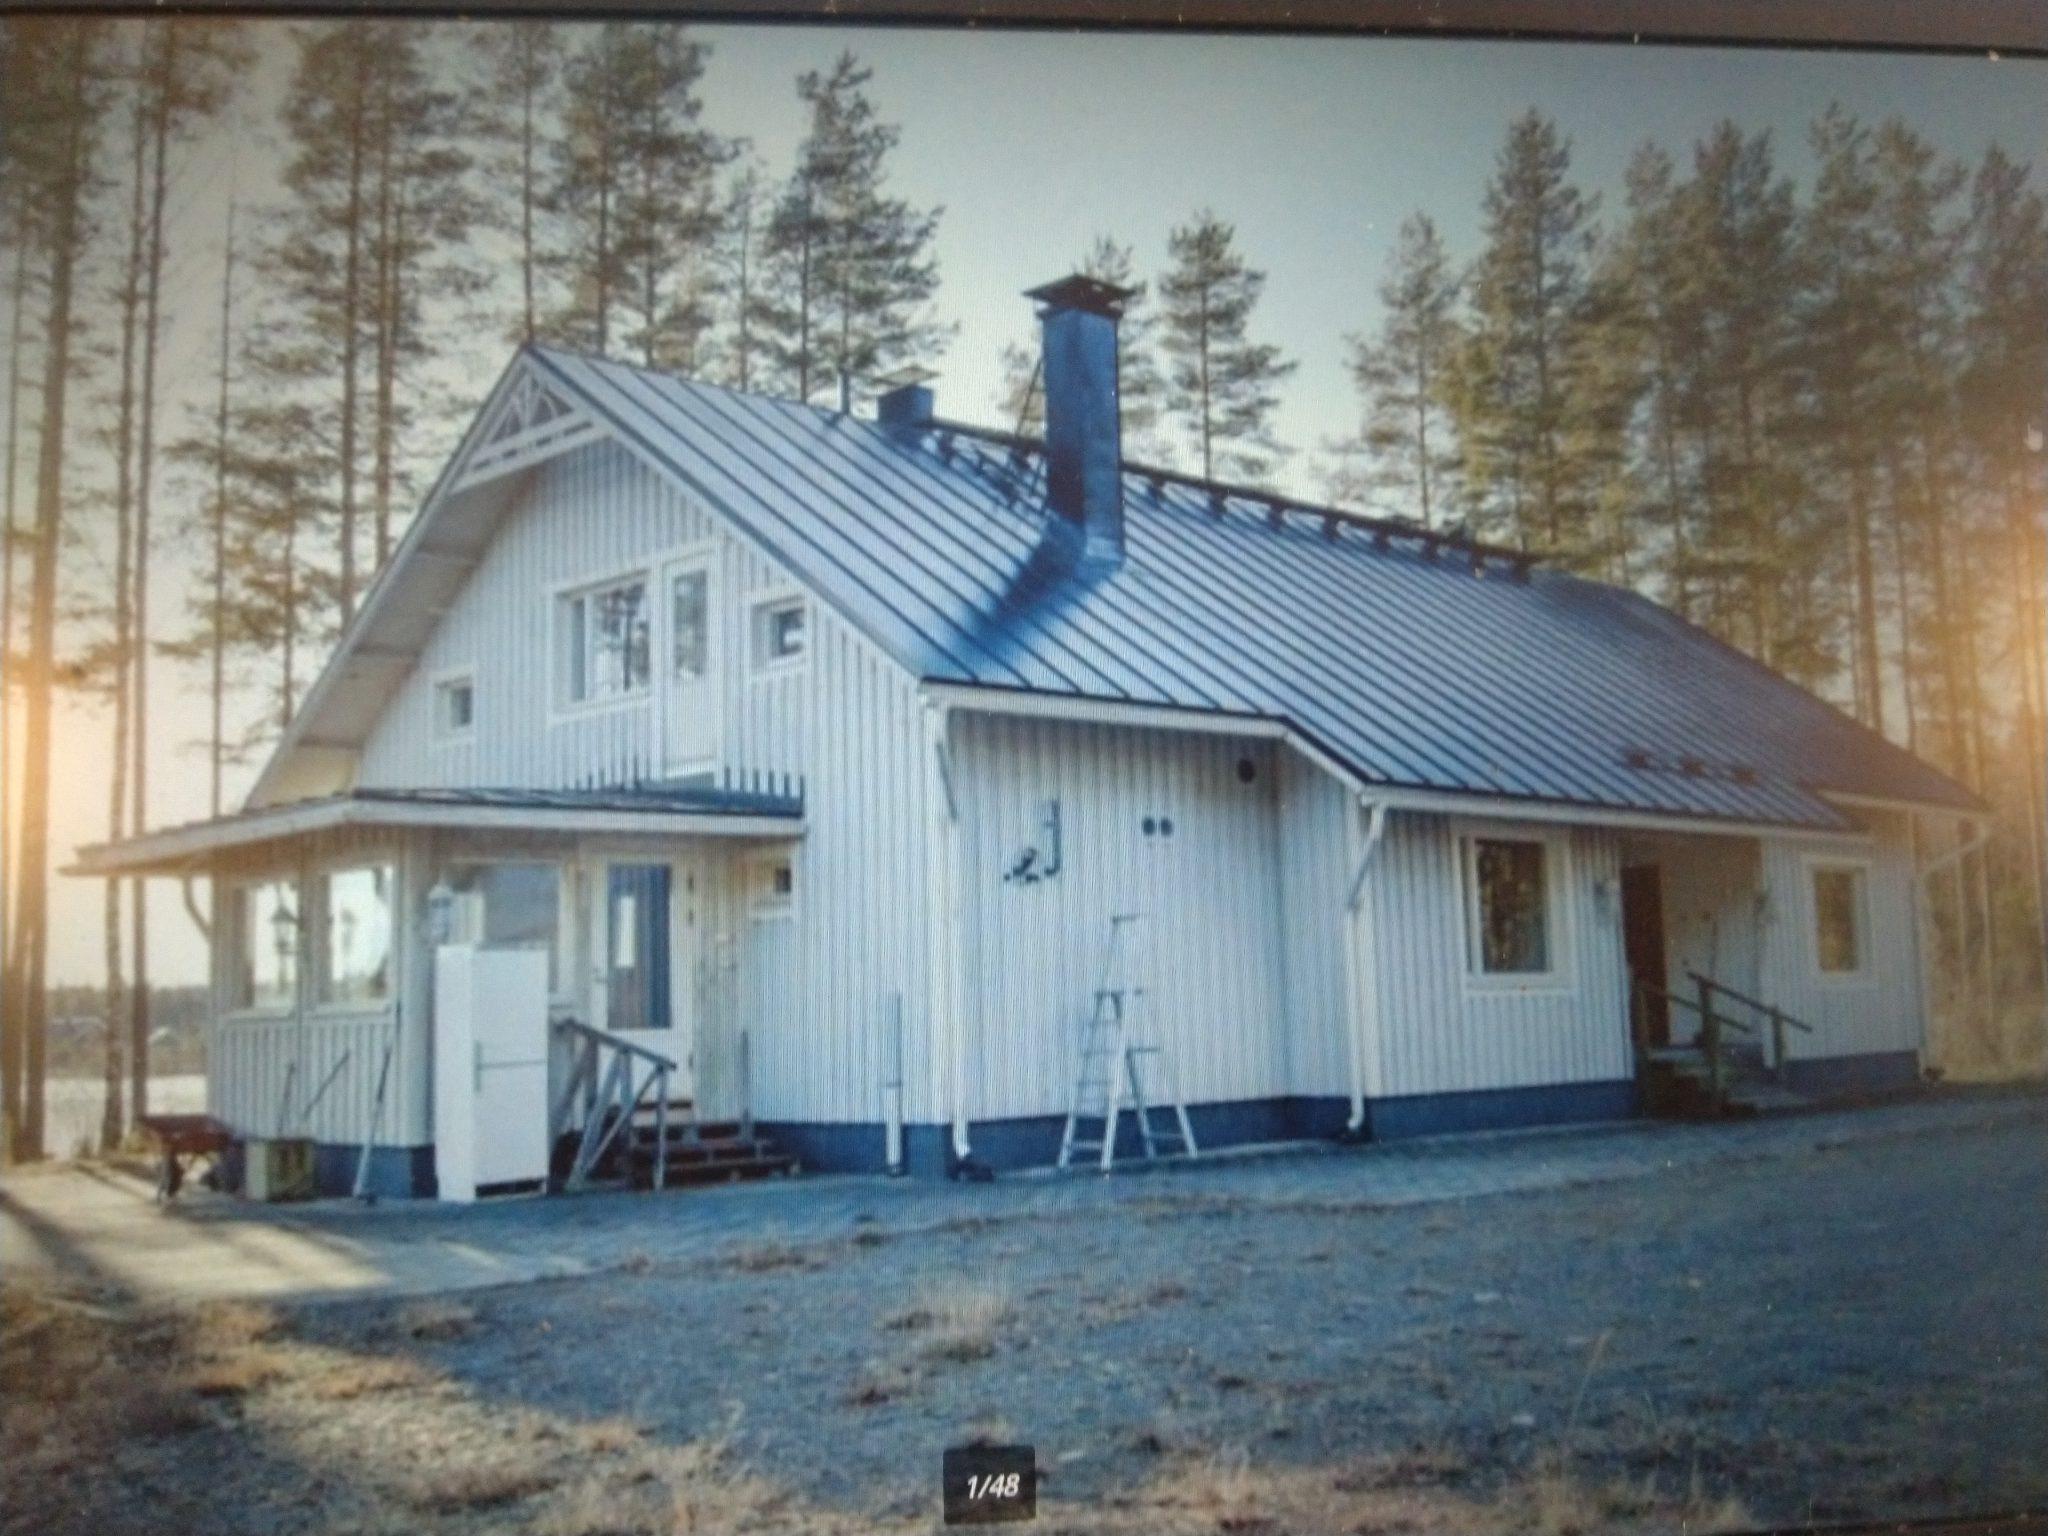 Myydään: Omakotitalo, Rautijärventie 71, 31250 Teuro, Suomi.